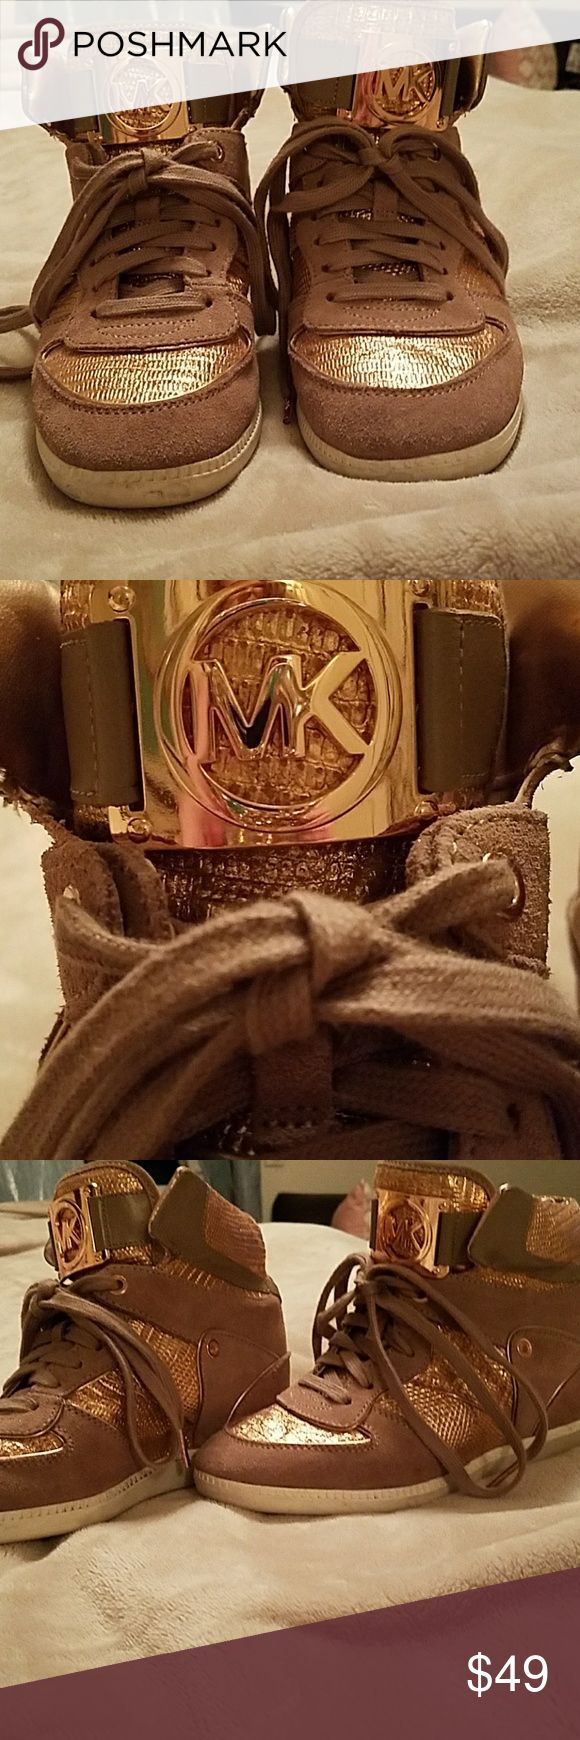 Michael Kors Rose Gold Wedge Sneakers Beautiful MK rose gold and taupe hidden wedge sneakers size 8 Michael Kors Shoes Sneakers